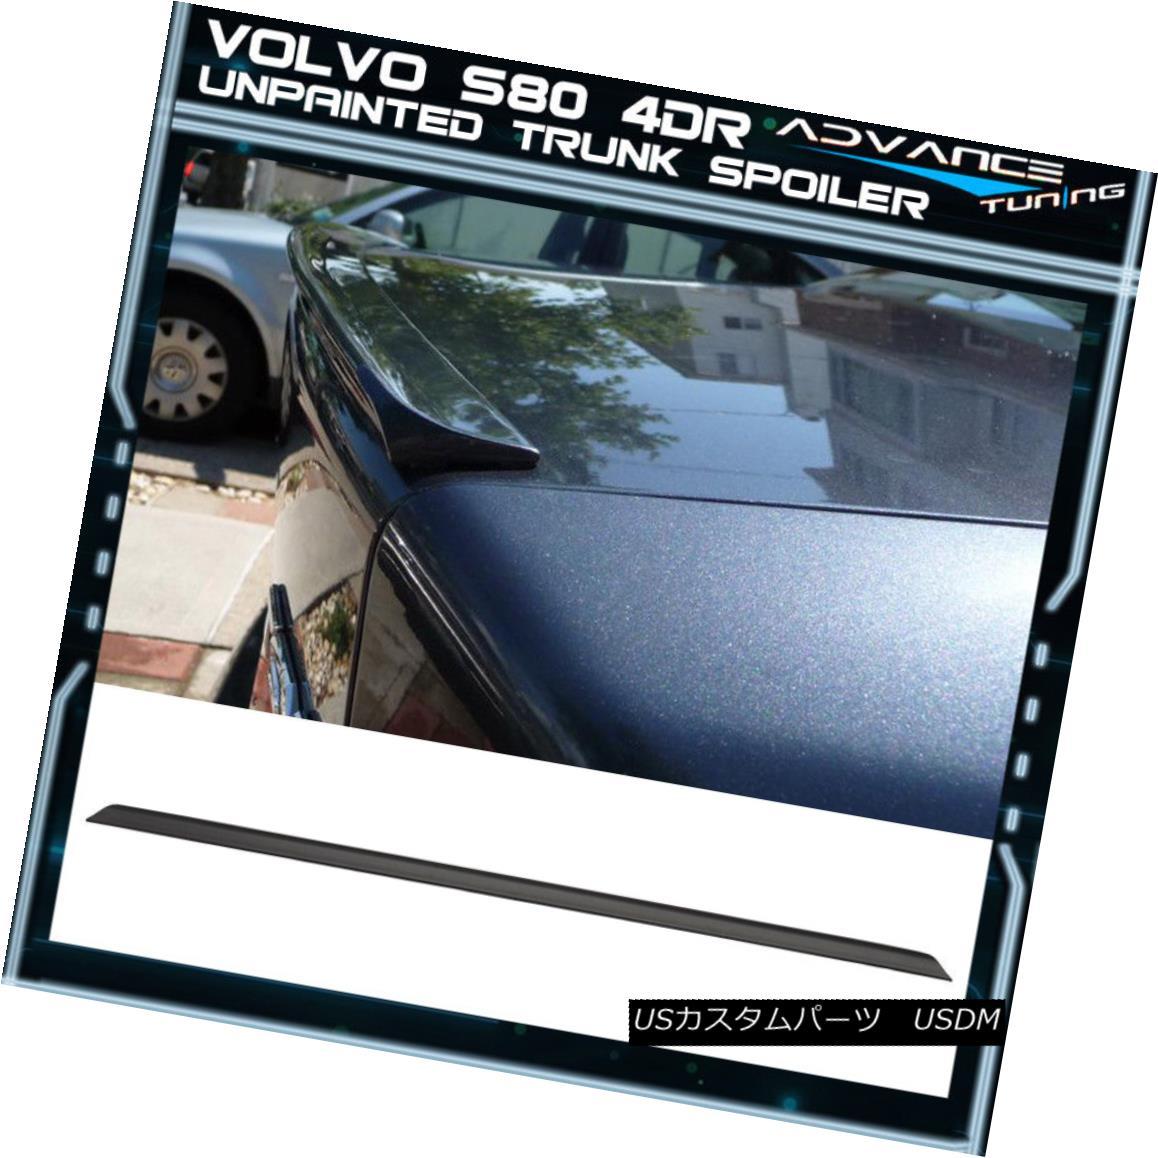 【半額】 エアロパーツ 07-12 Volvo S80 4Dr PV Style Unpainted Black Trunk Spoiler - PUF 07-12ボルボS80 4Dr PVスタイル未塗装ブラックトランク・スポイラー - PUF, 新星堂WonderGOO ccec37b0